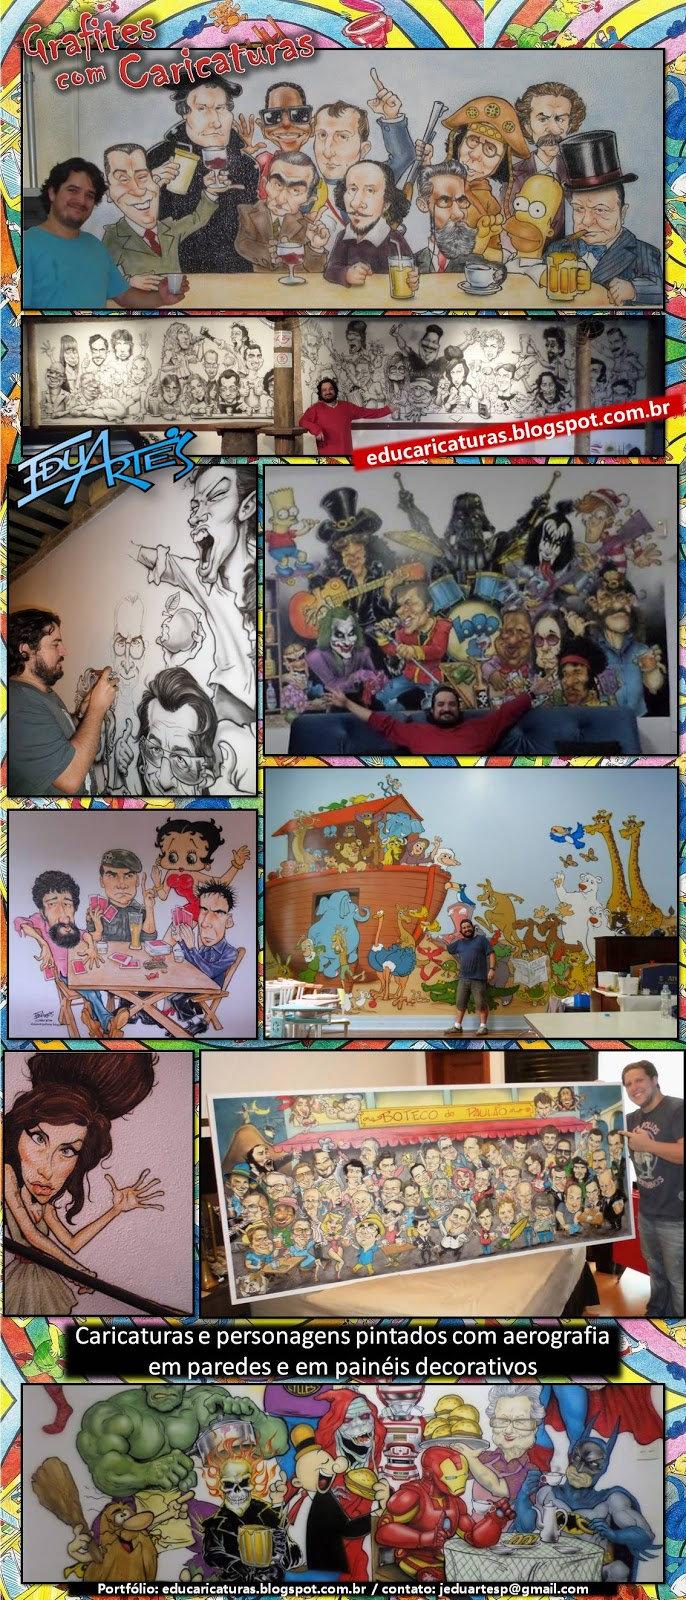 Edu Grafitti e caricaturas